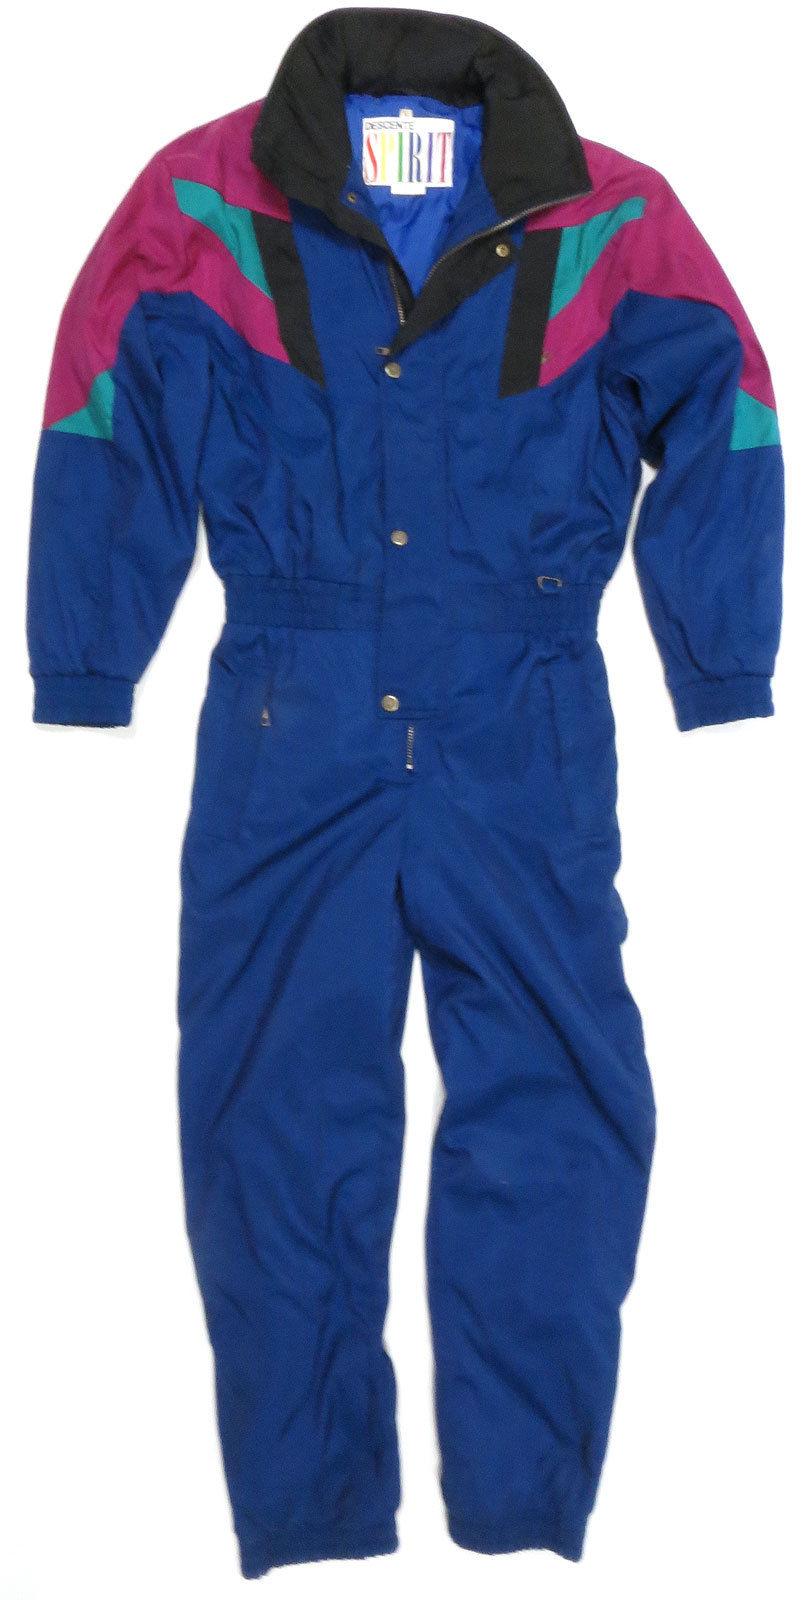 Vintage '80s ski suit